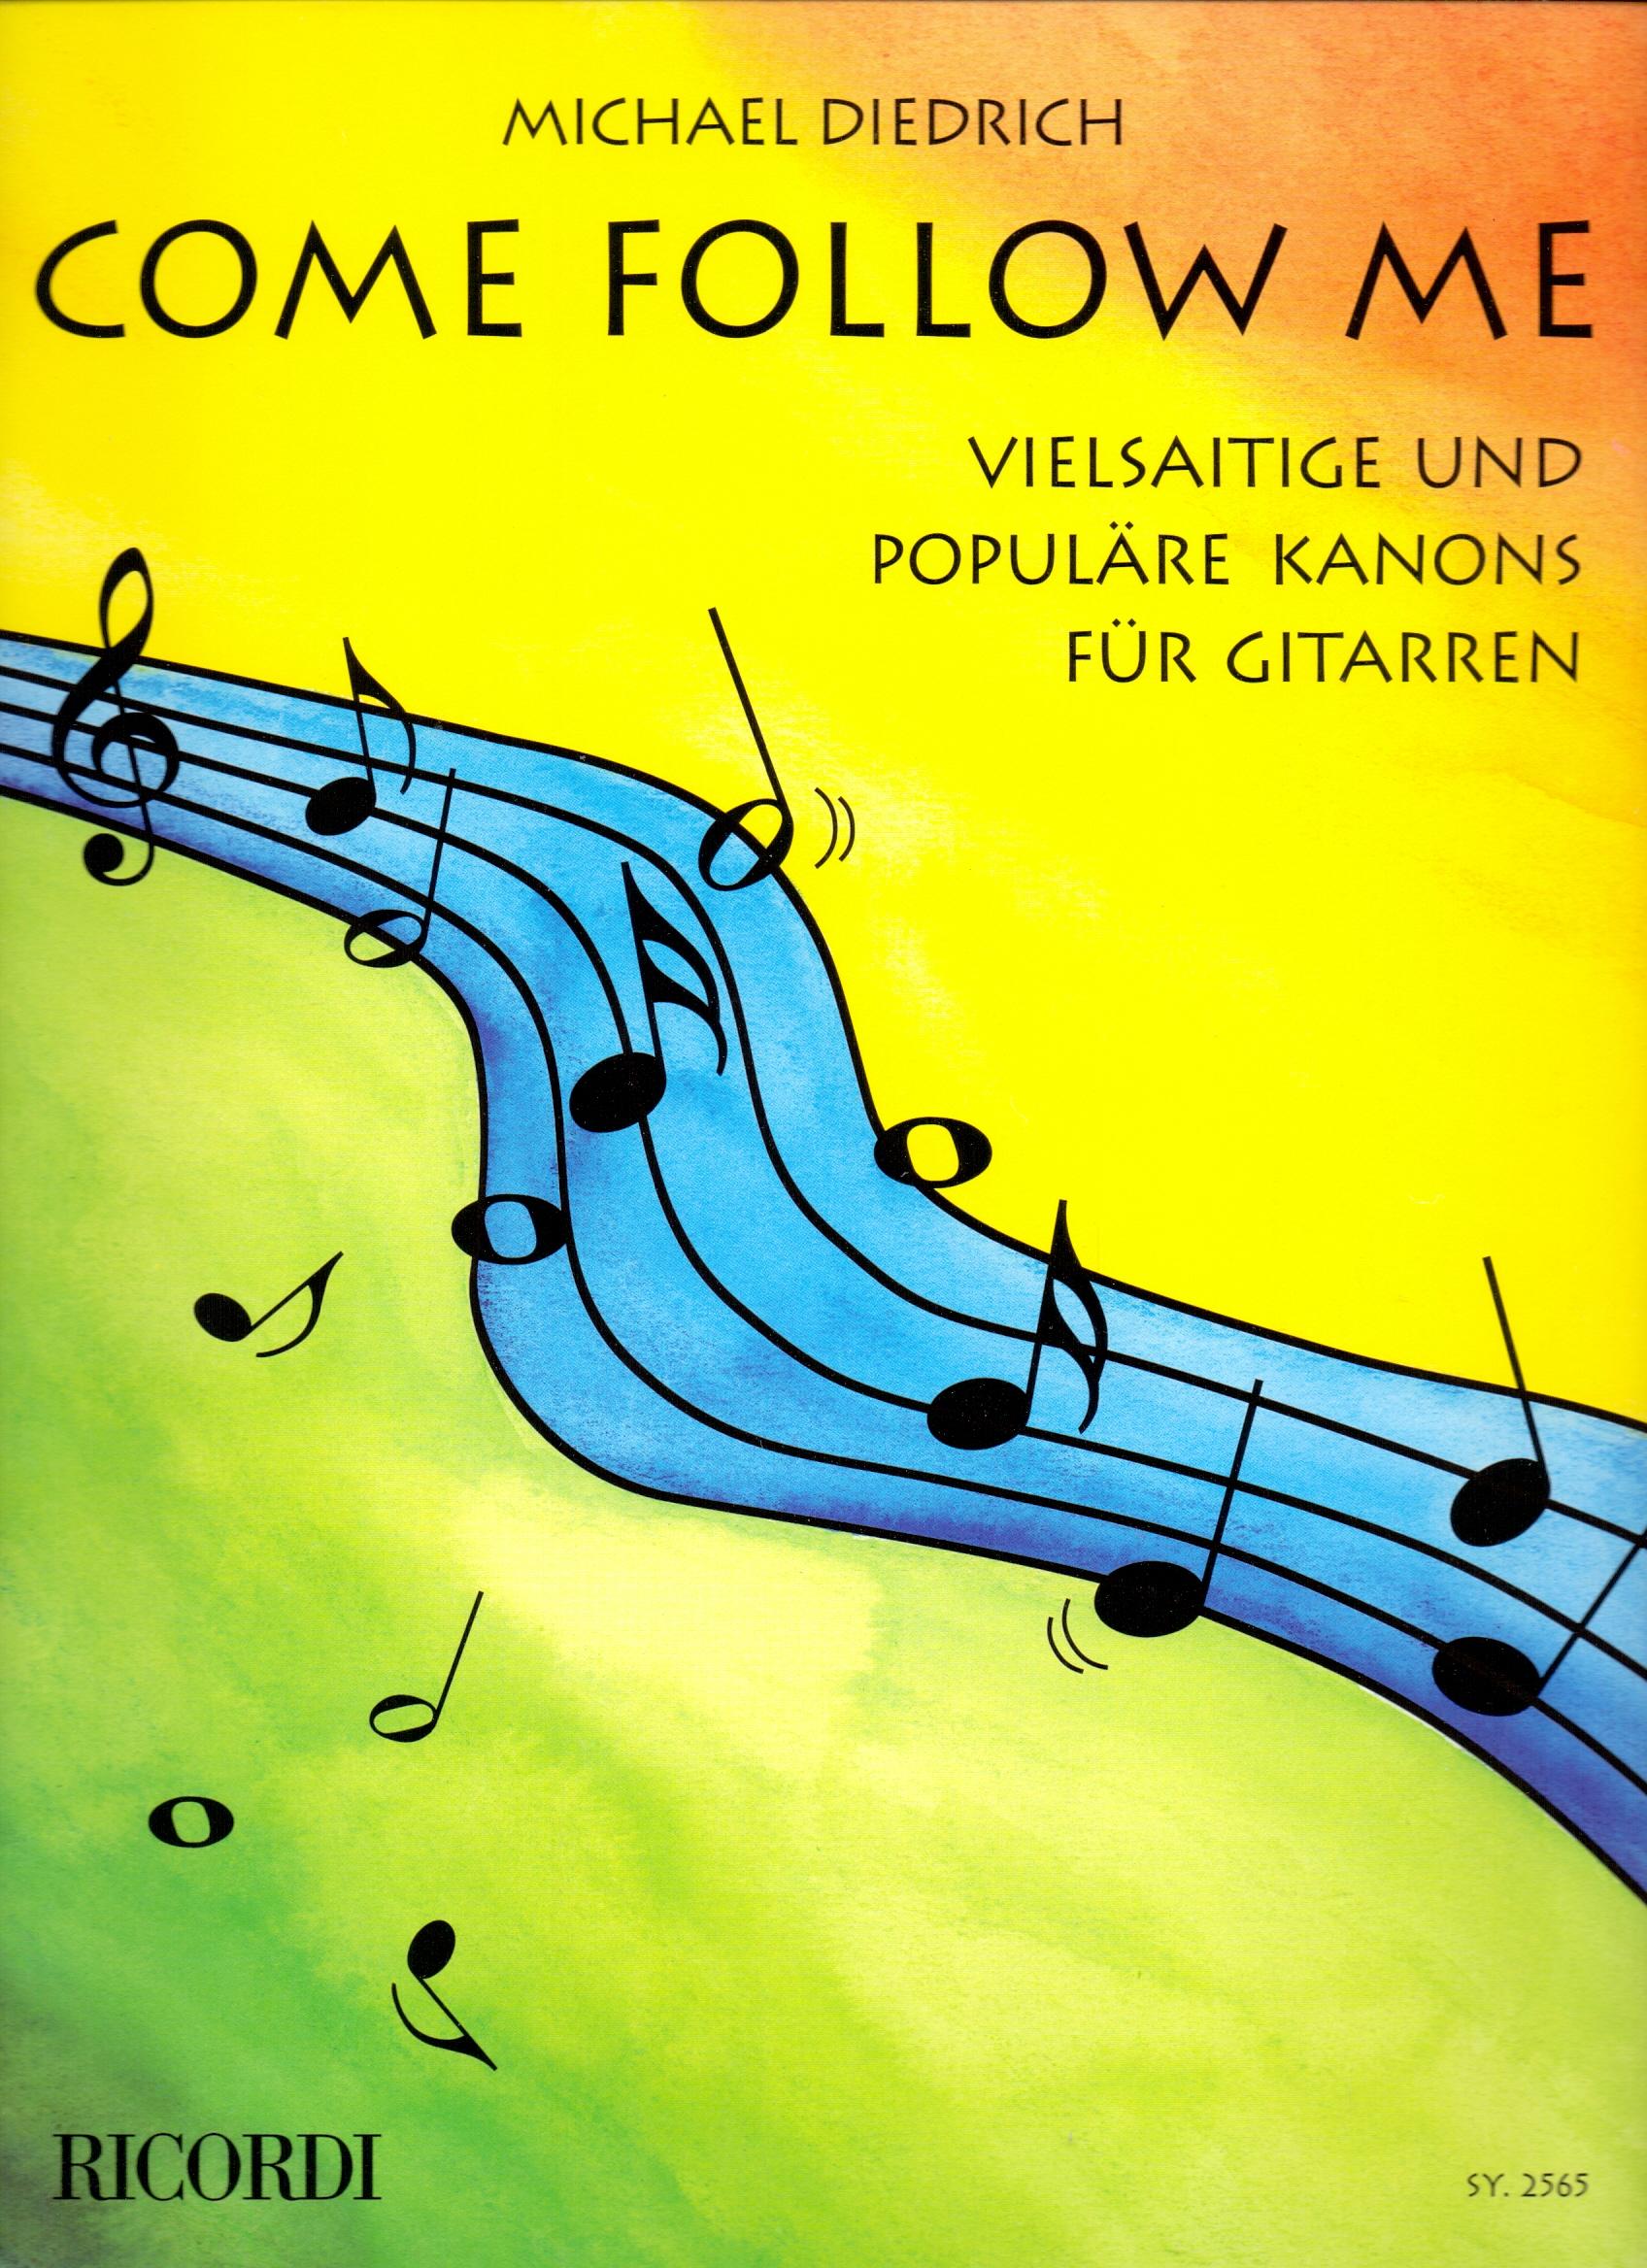 Come follow me: Vielsaitige und Populäre Kanons für Gitarren - Michael Diedrich [Broschiert]